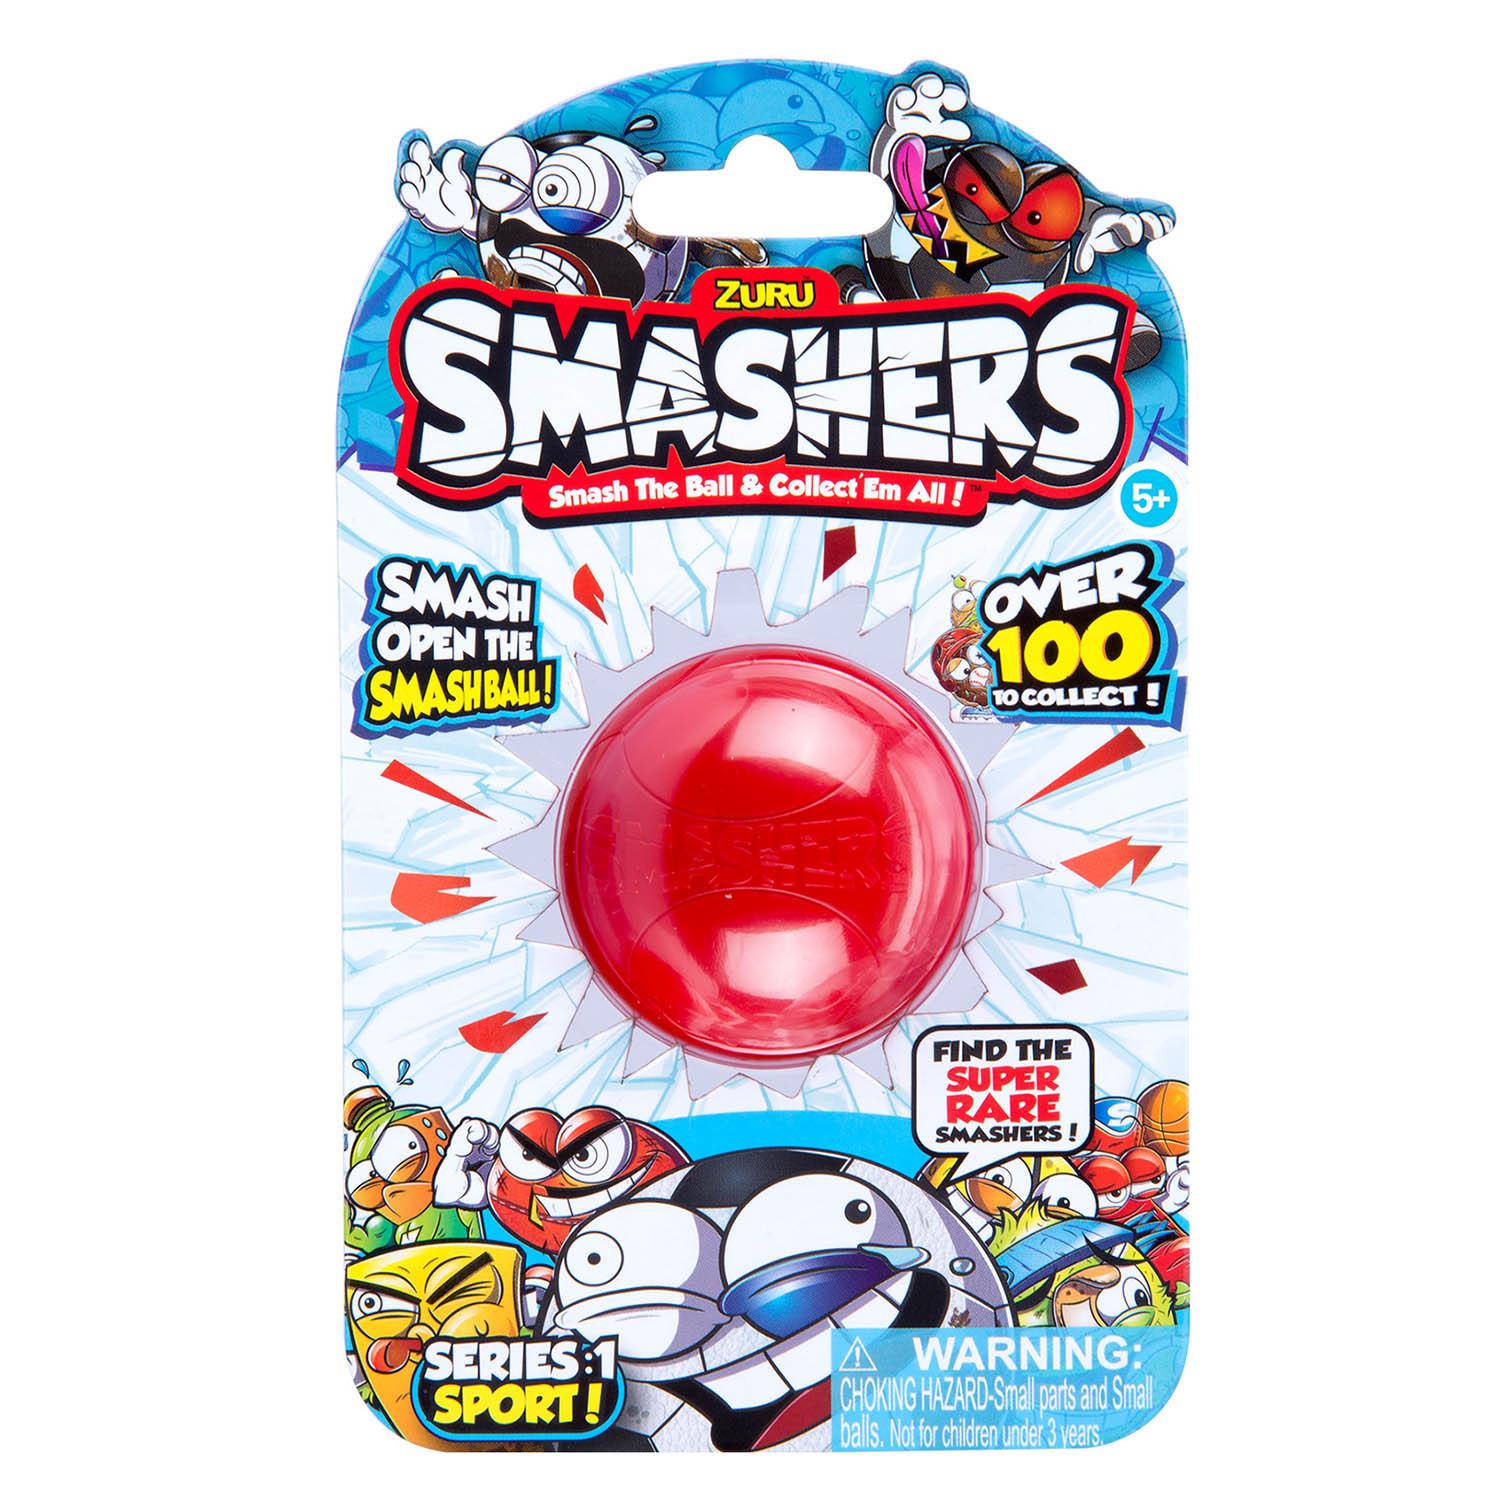 Smashers_1